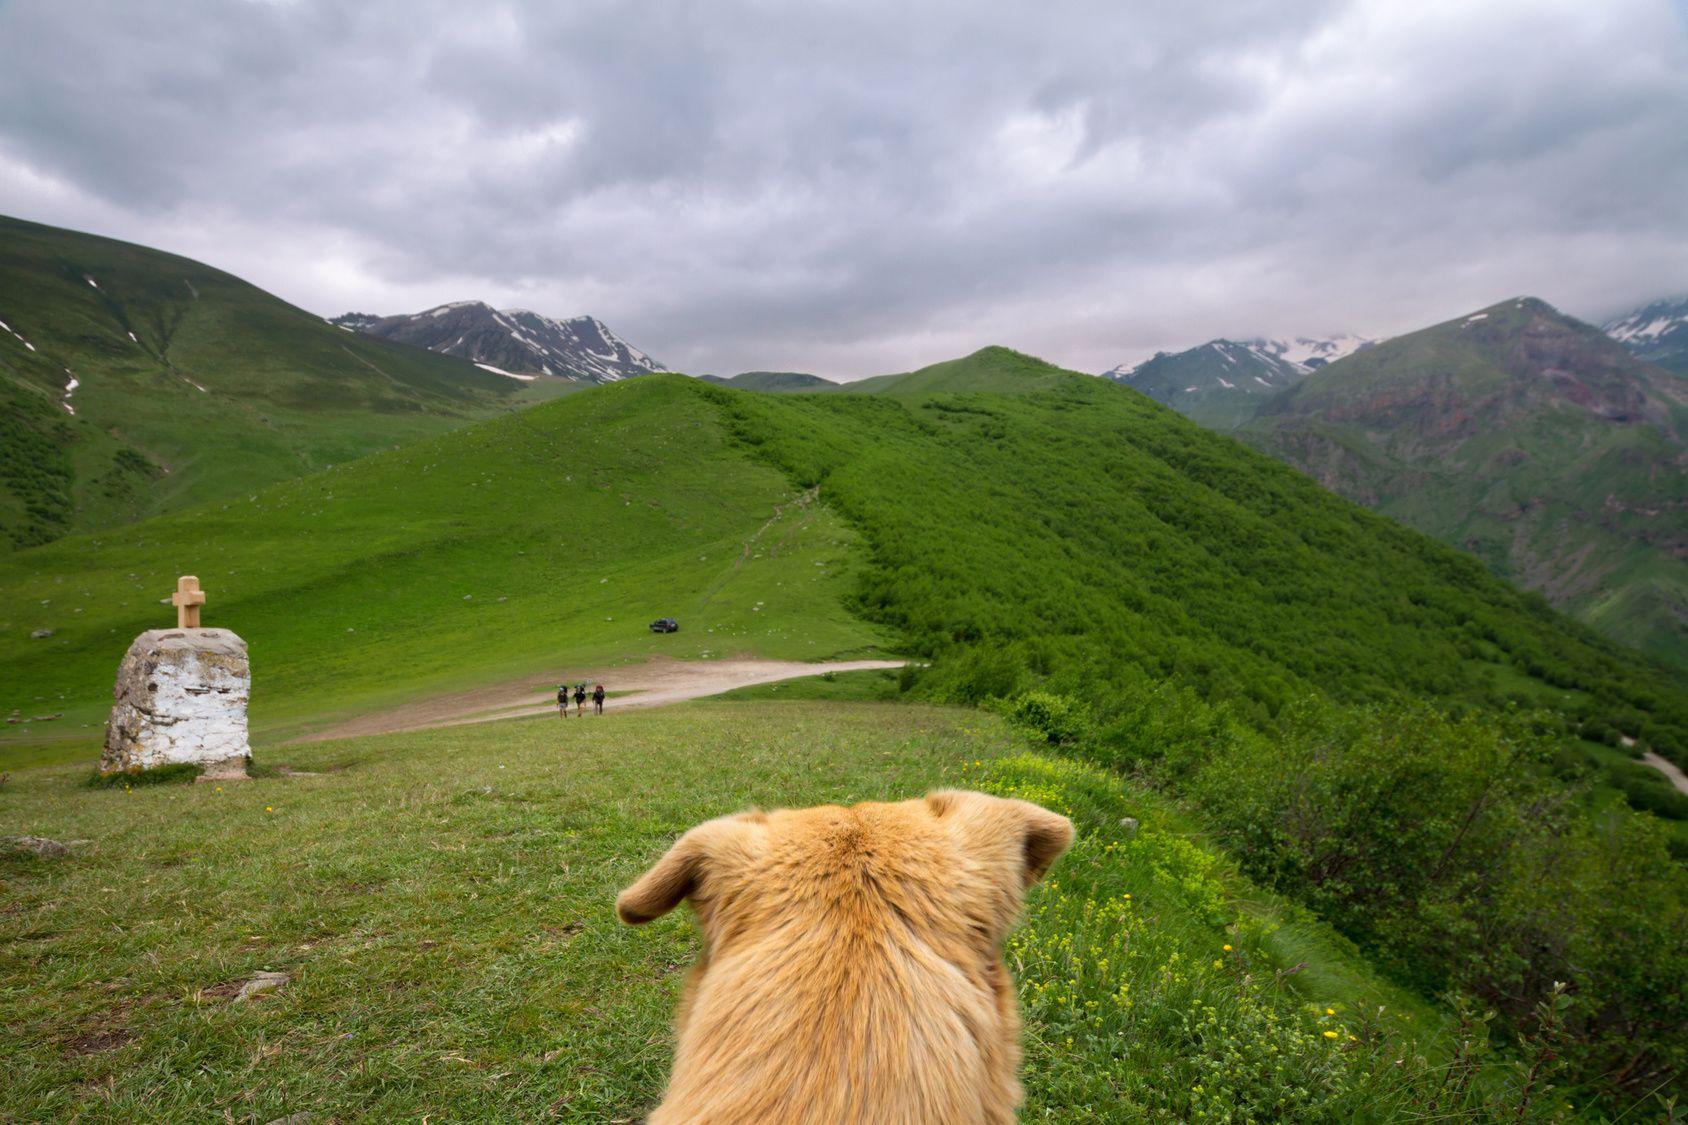 愛犬とトレッキング!安全に楽しむためのポイント